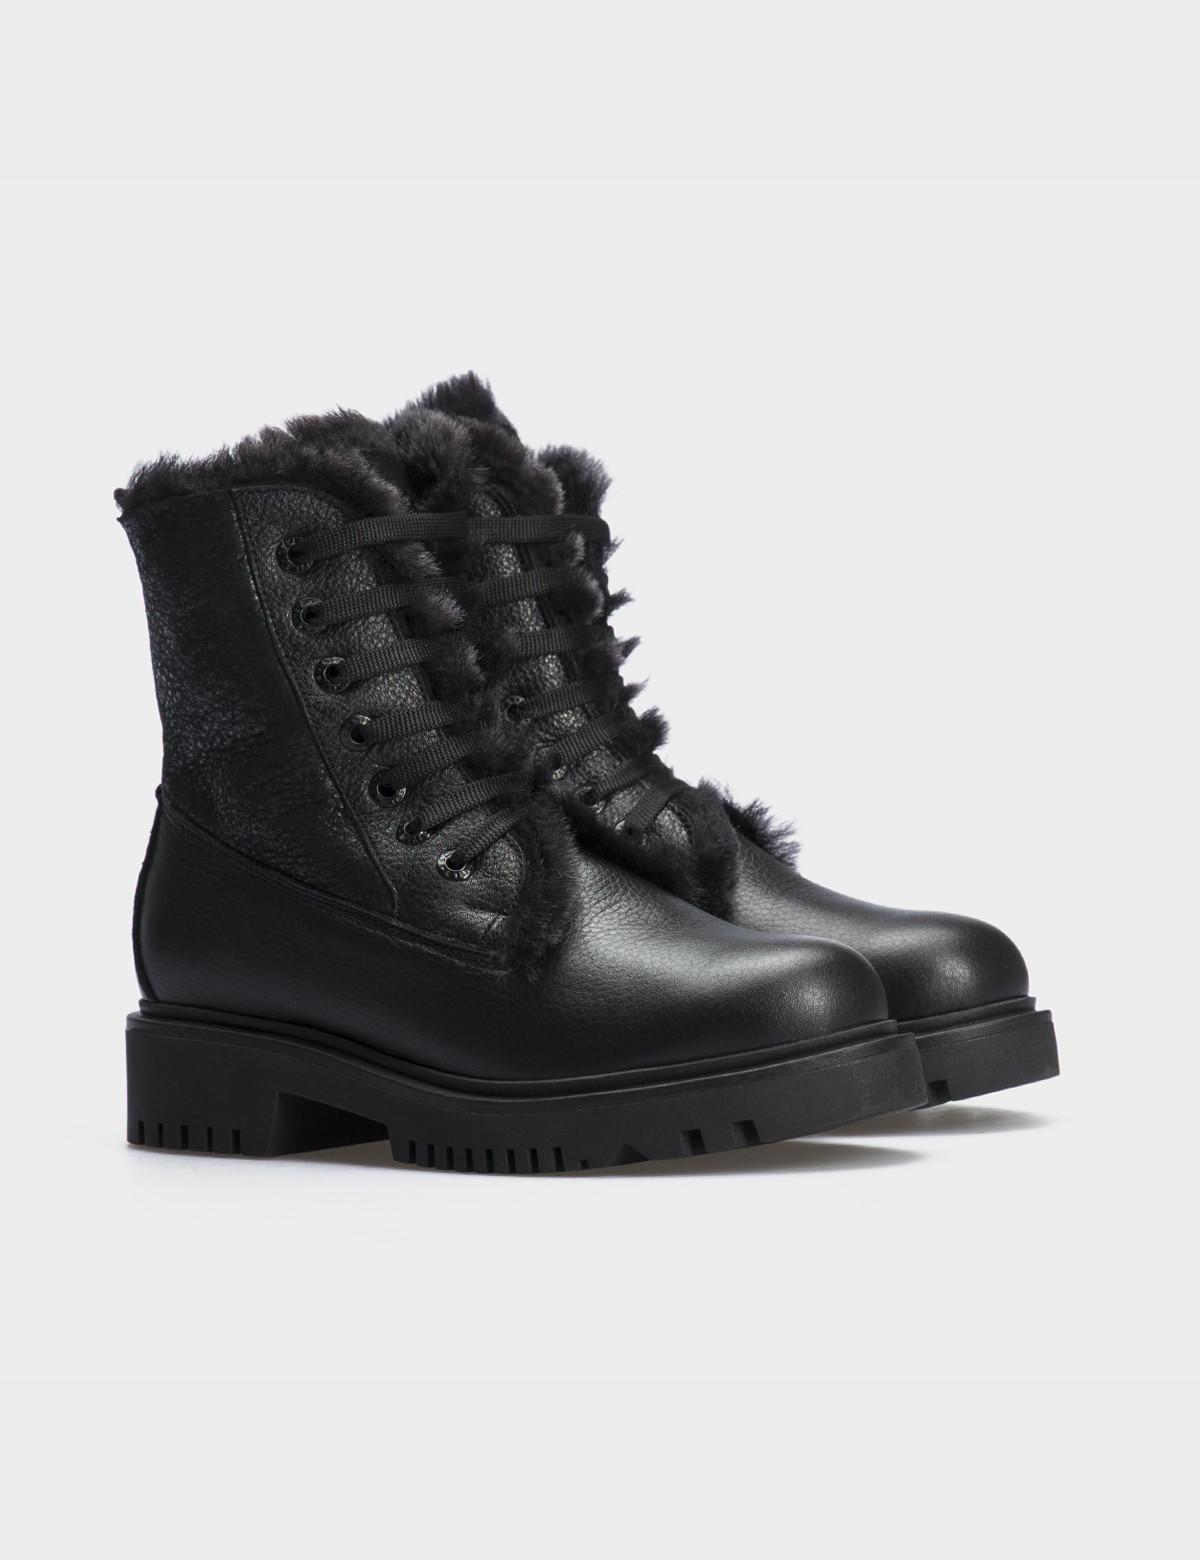 Ботинки черные,натуральная кожа. Шерсть1